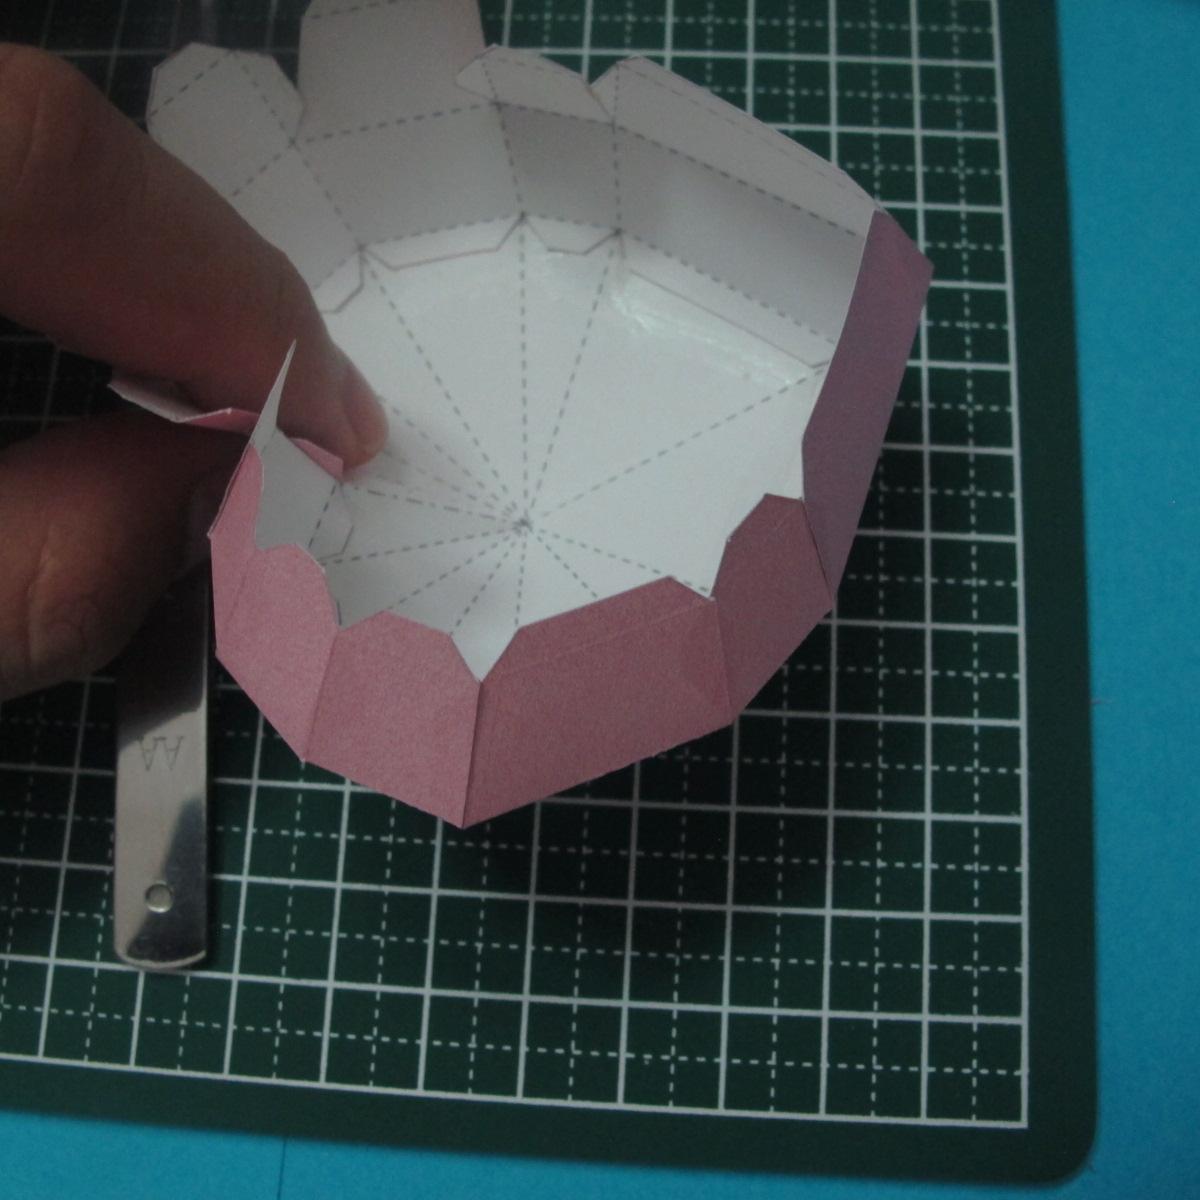 วิธีทำของเล่นโมเดลกระดาษรูปหัวใจ 013